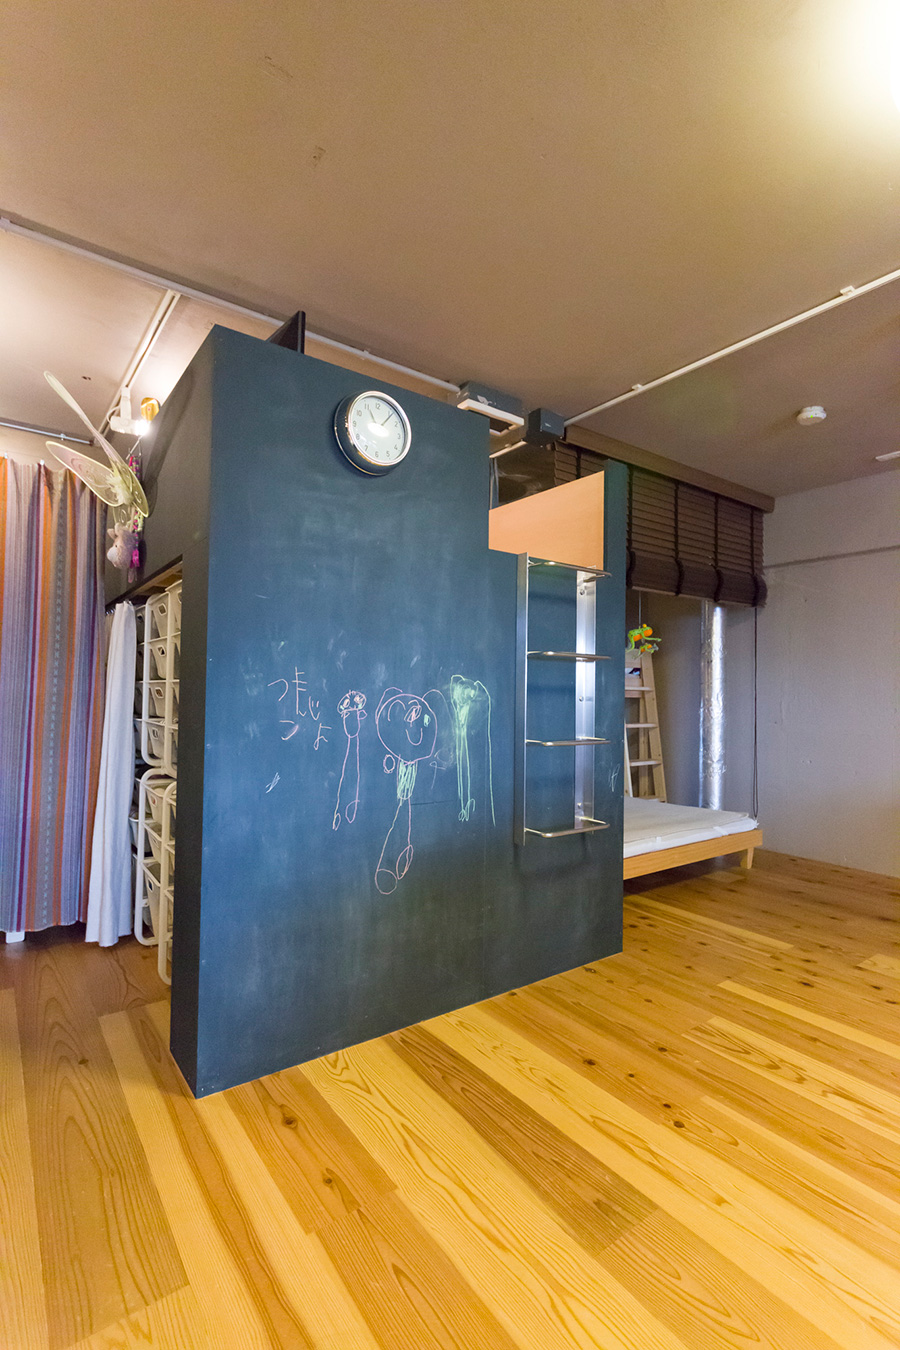 上が畳のスペースになっていて、ご両親が泊まりに来た時に客室として使っているそう。下は衣装の収納スペースとして使っている。